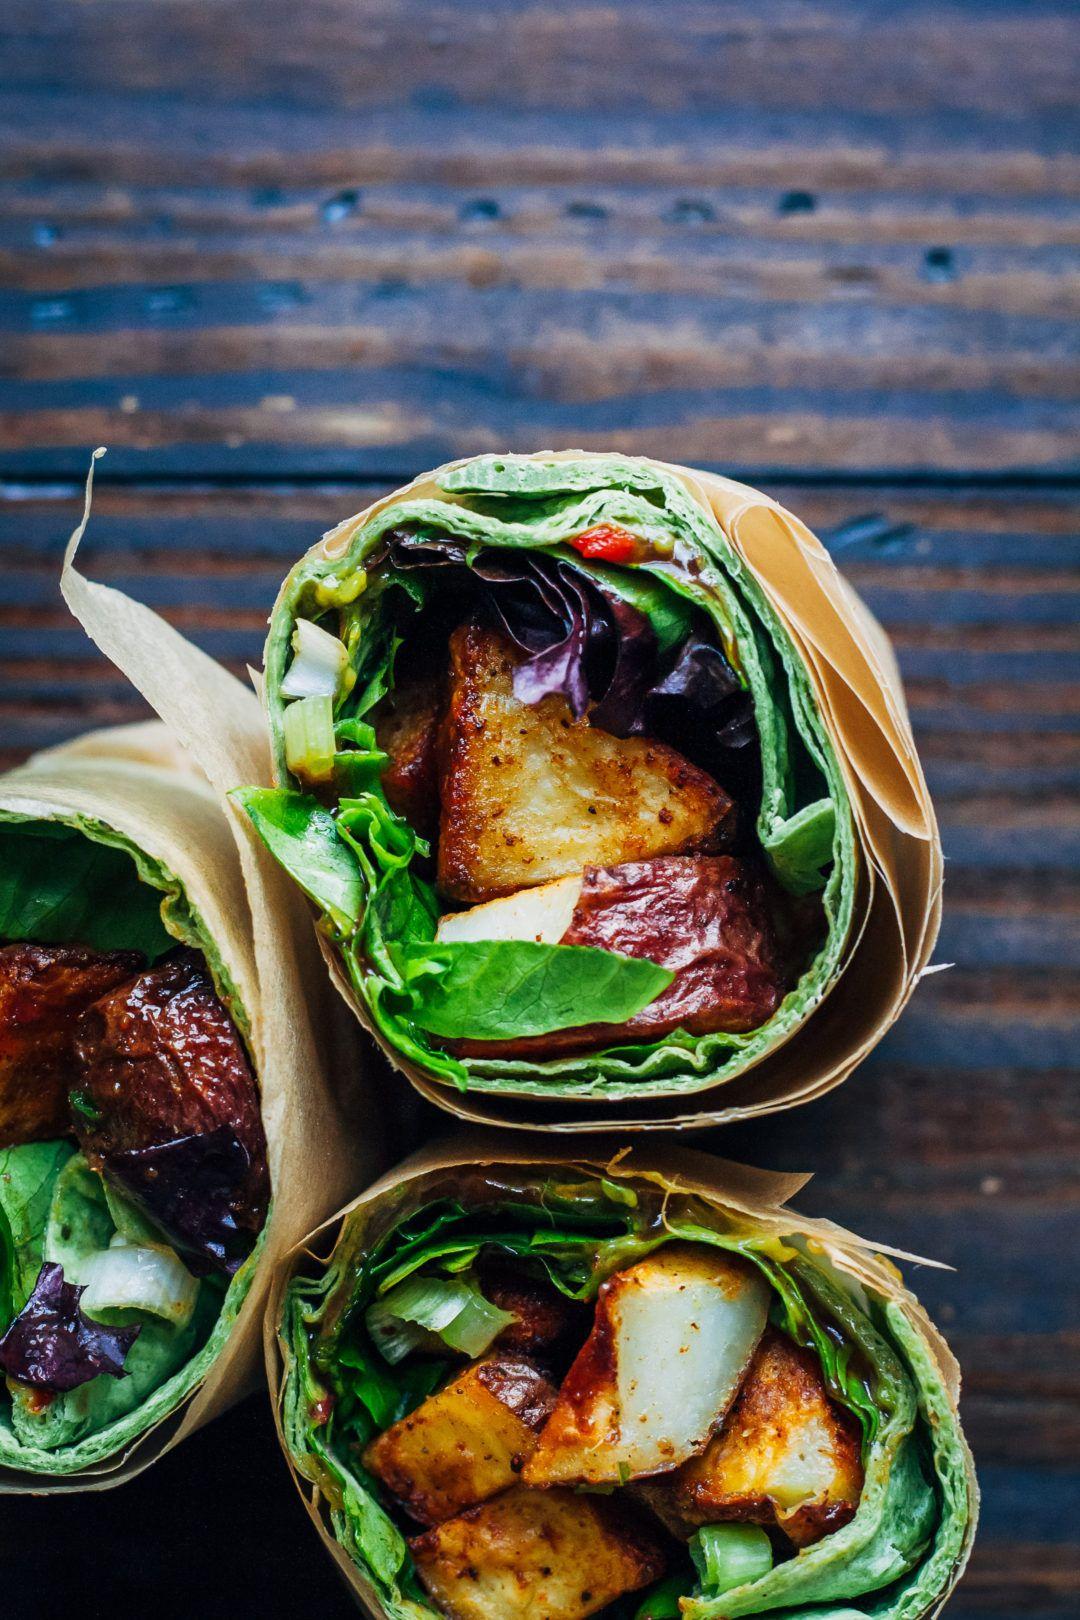 My Favorite Vegan Wrap